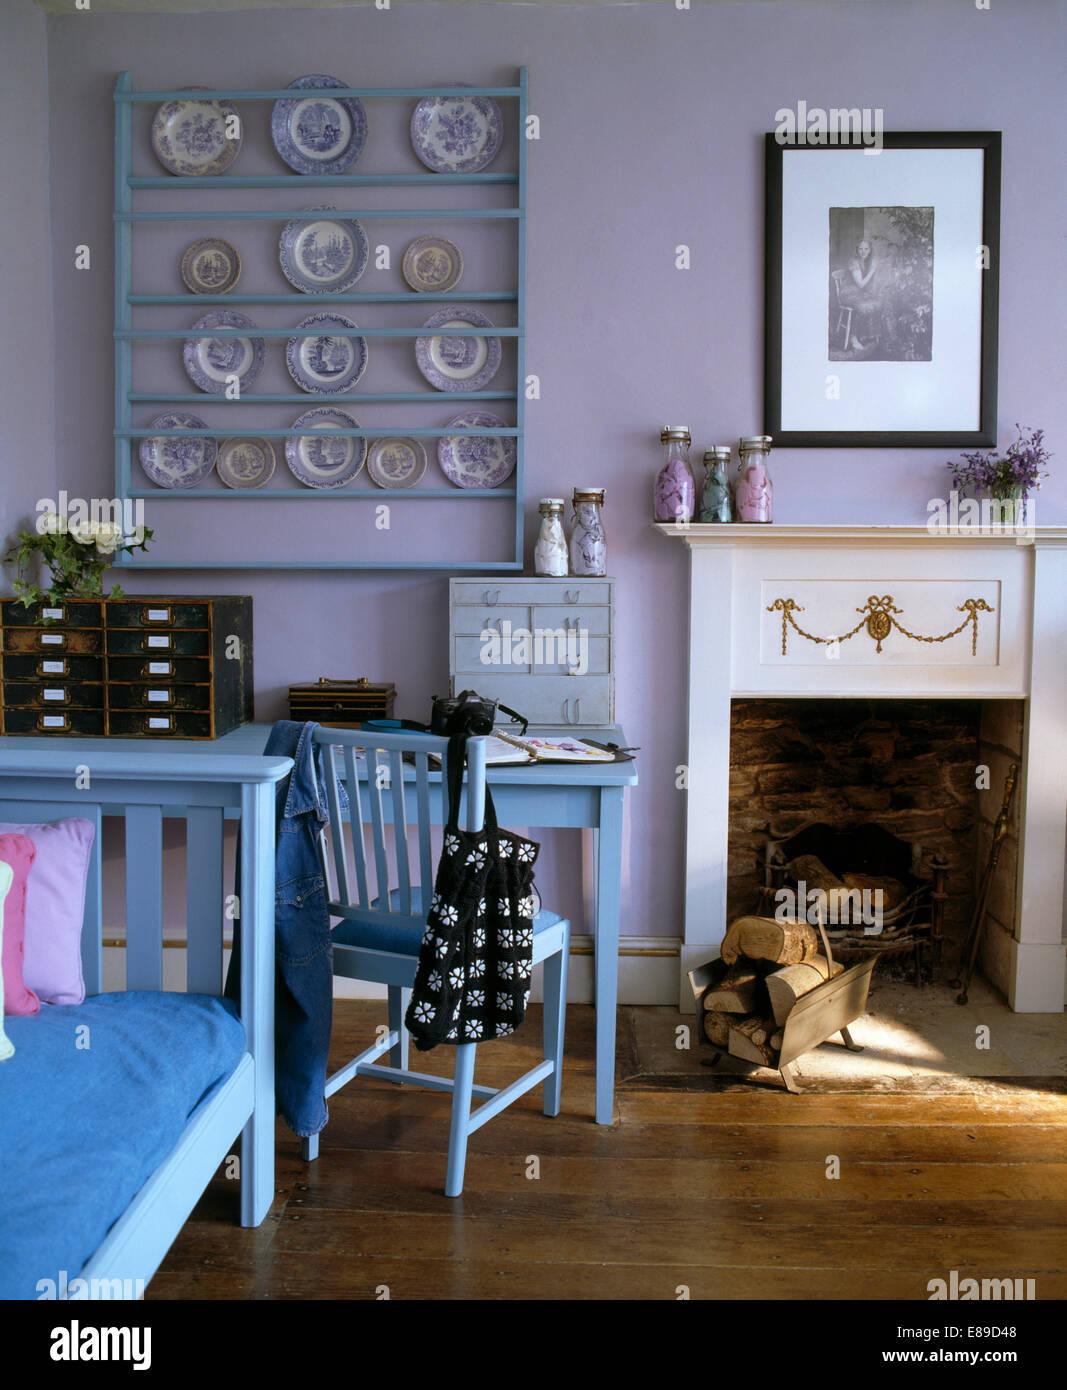 Sammlung Von Platten In Blass Blau Lackierten Regalen An Wand über  Lackierte Tisch Und Stuhl Neben Wohnzimmer Kamin